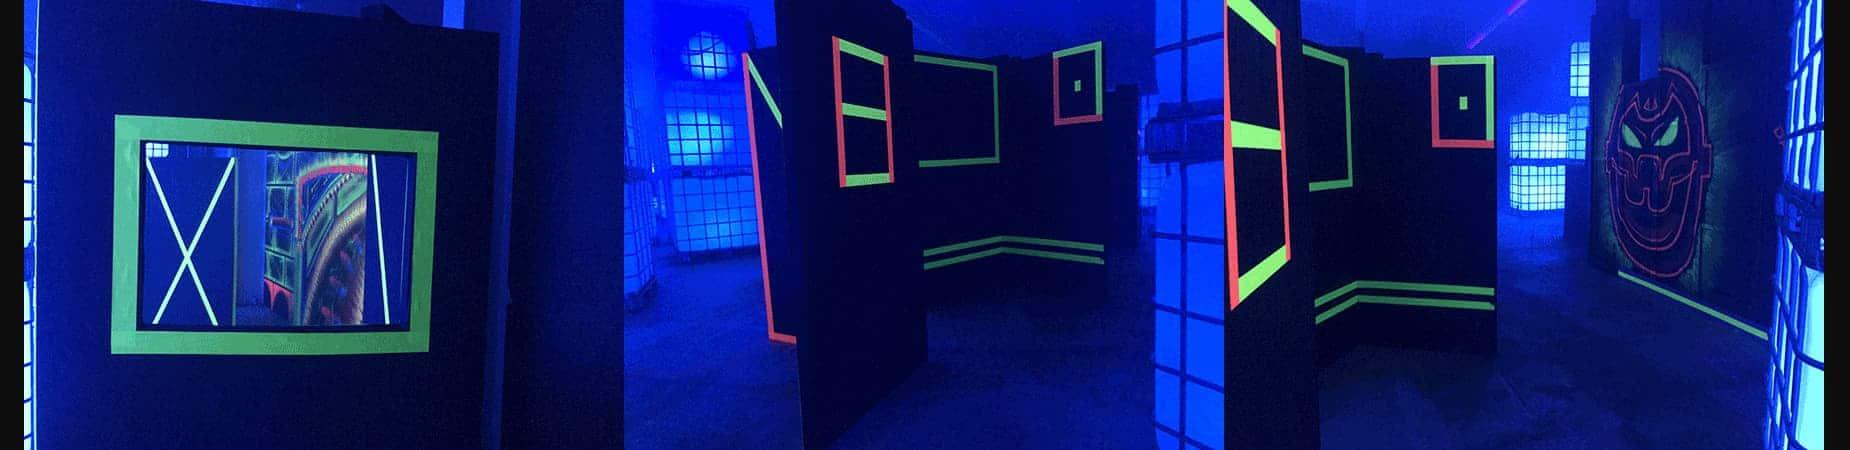 LaserTag bei Bochum spielen